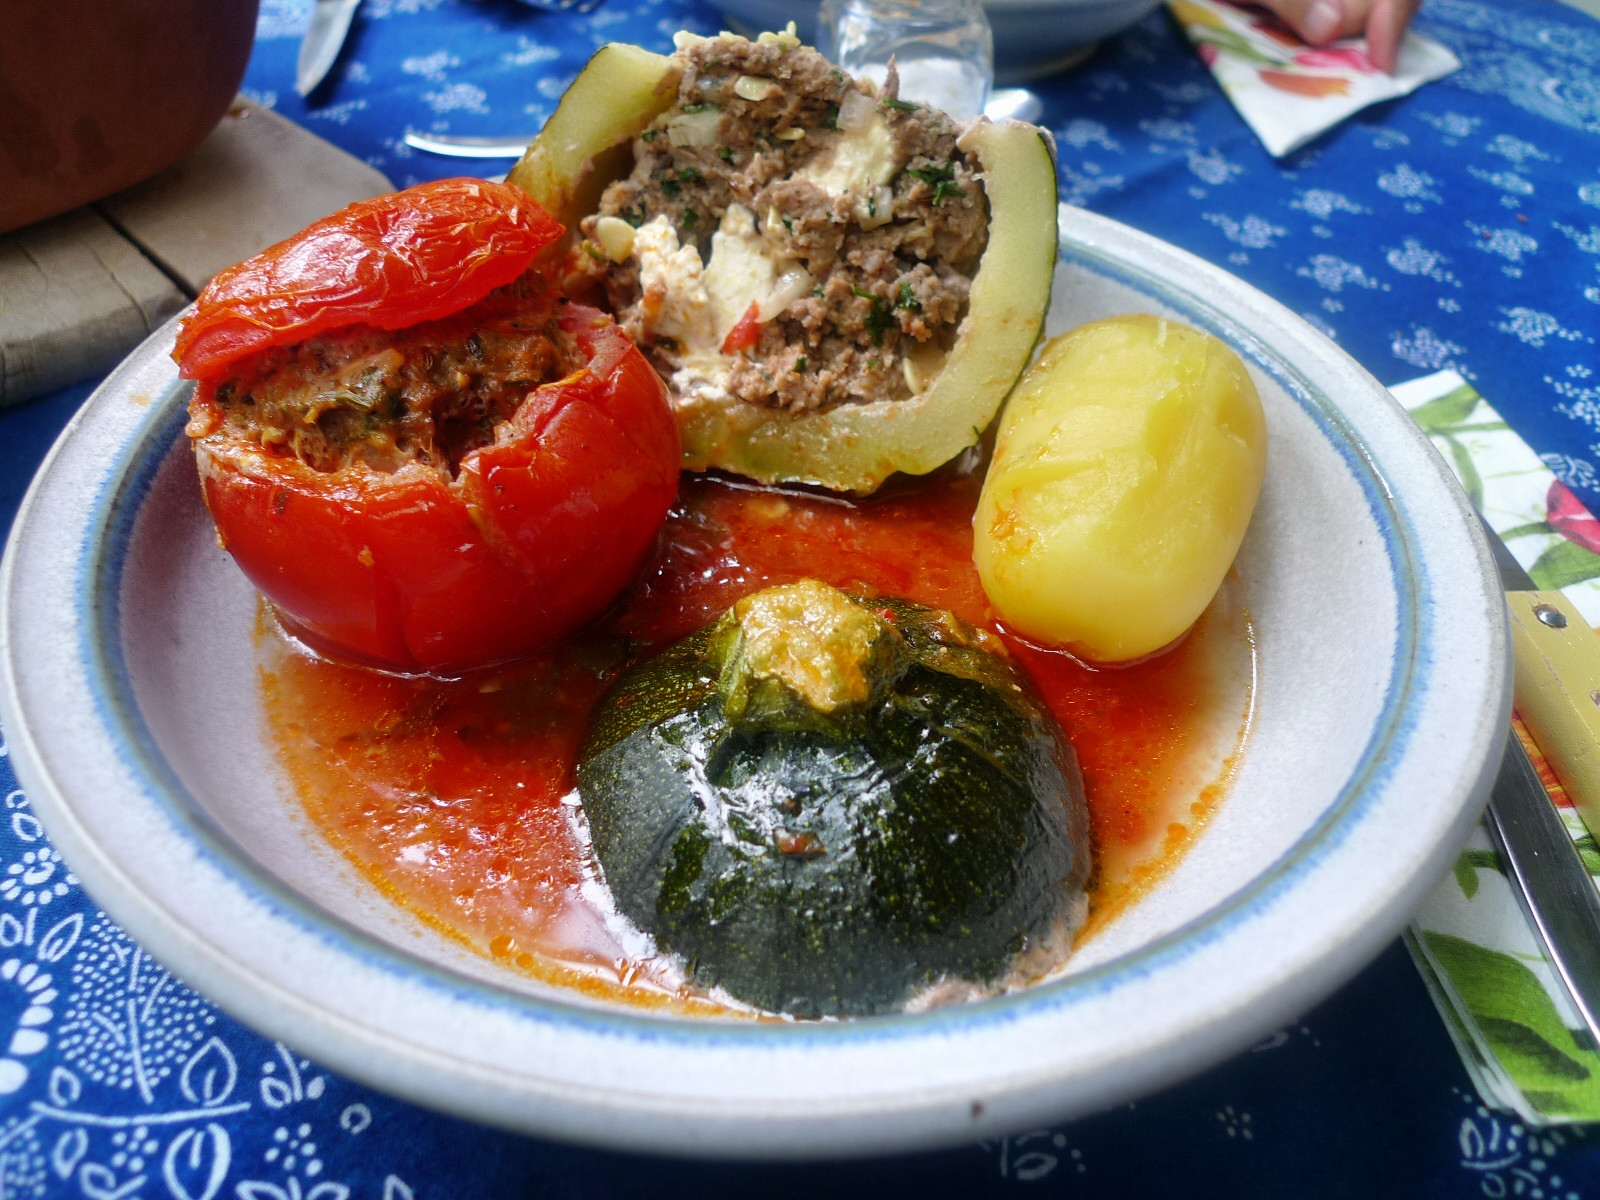 gefüllte Zucchini und Paprika-7.8.14   (3)